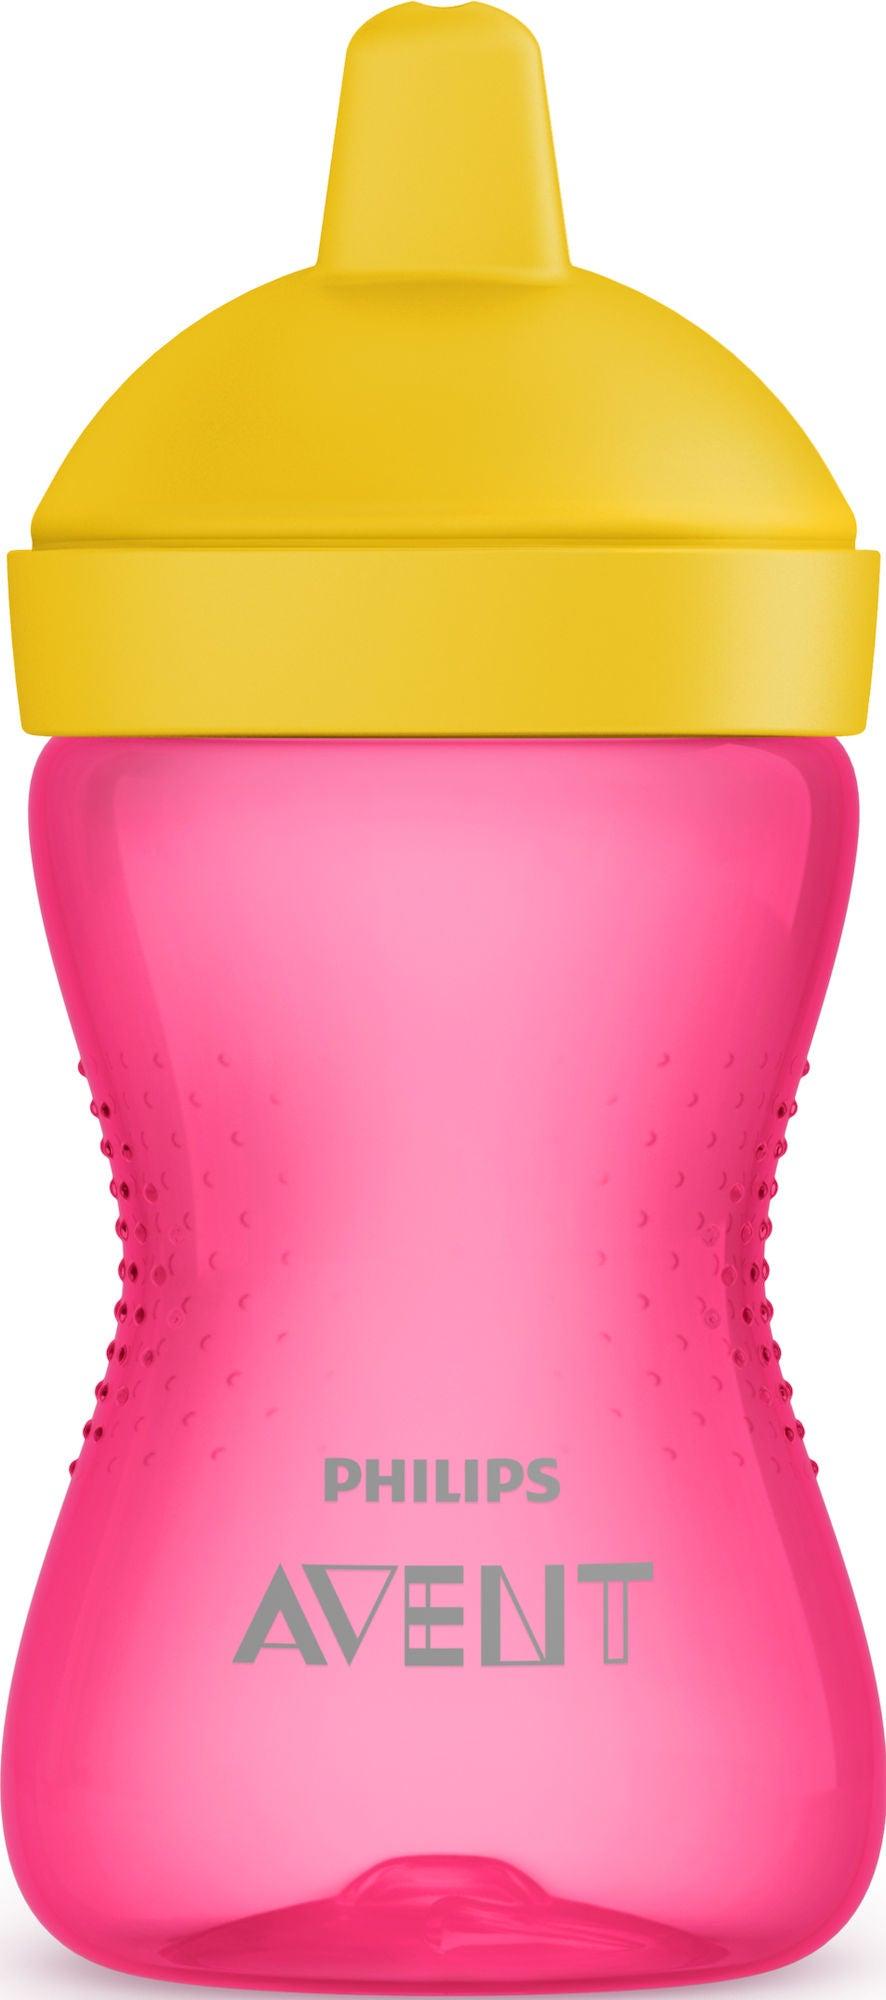 Philips Avent Kovanokkainen Muki 300 ml 12 kk+, Pinkki/Keltainen